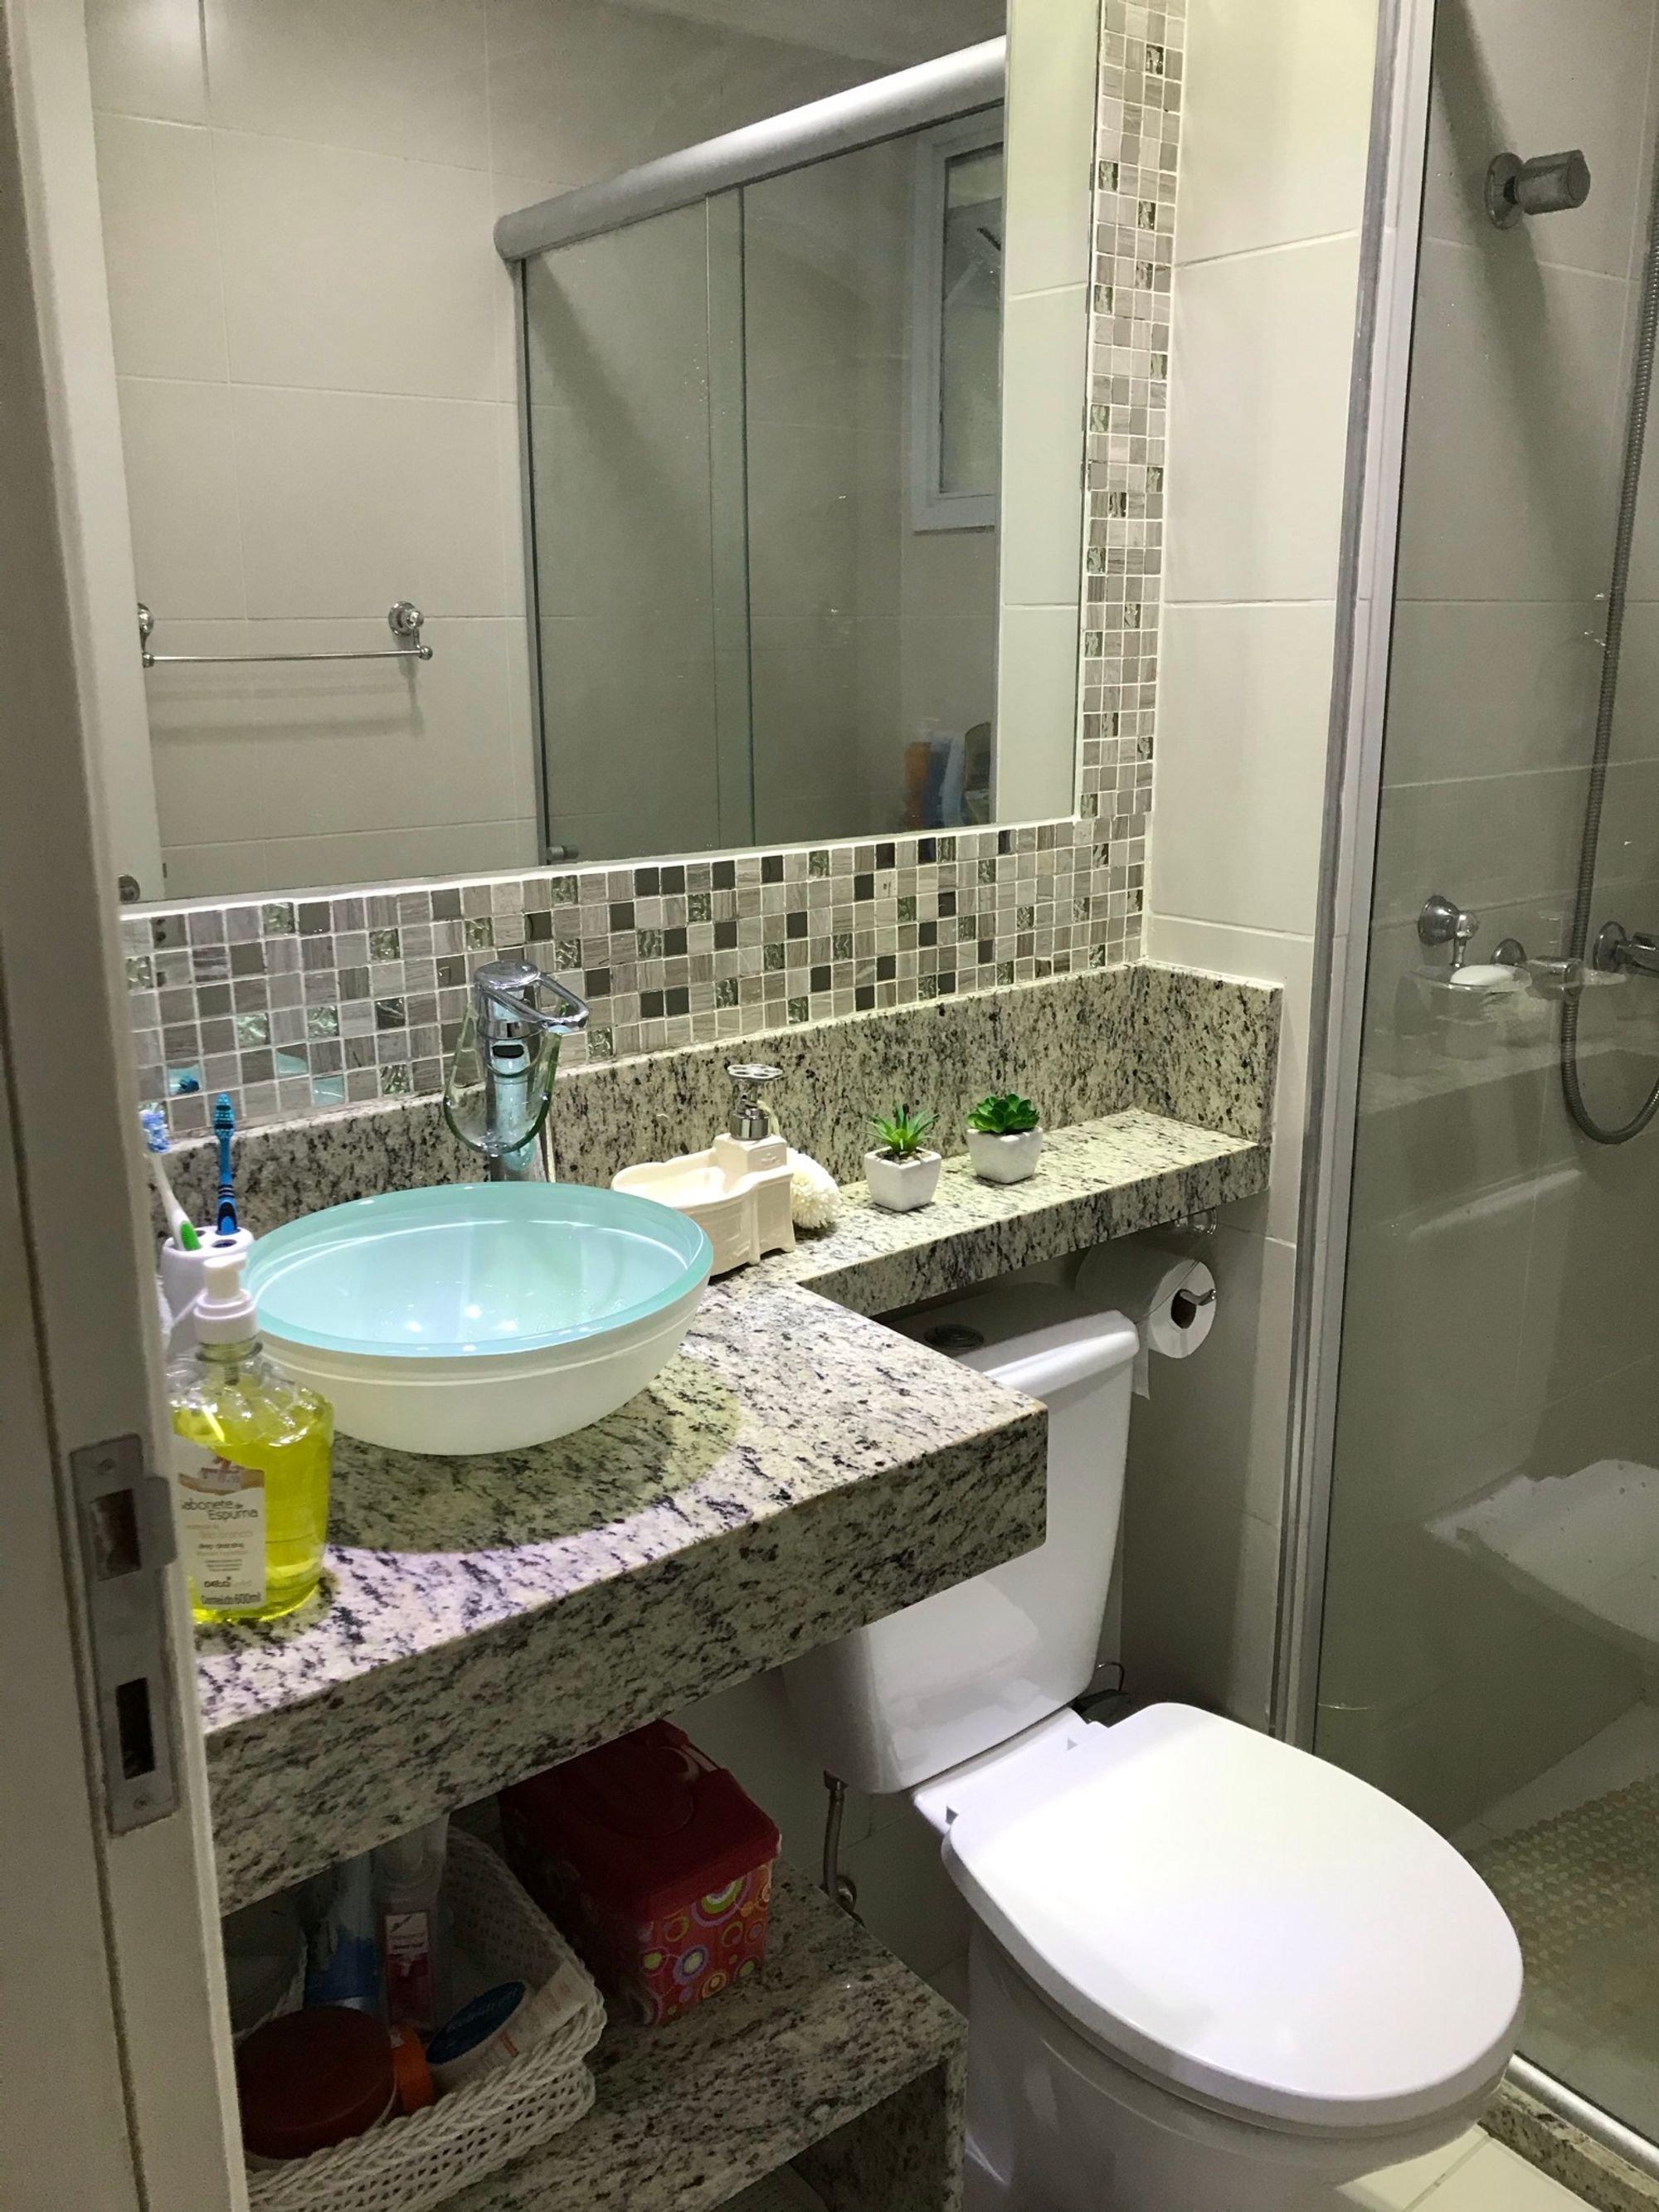 Foto de Banheiro com vaso de planta, escova de dente, vaso sanitário, garrafa, pia